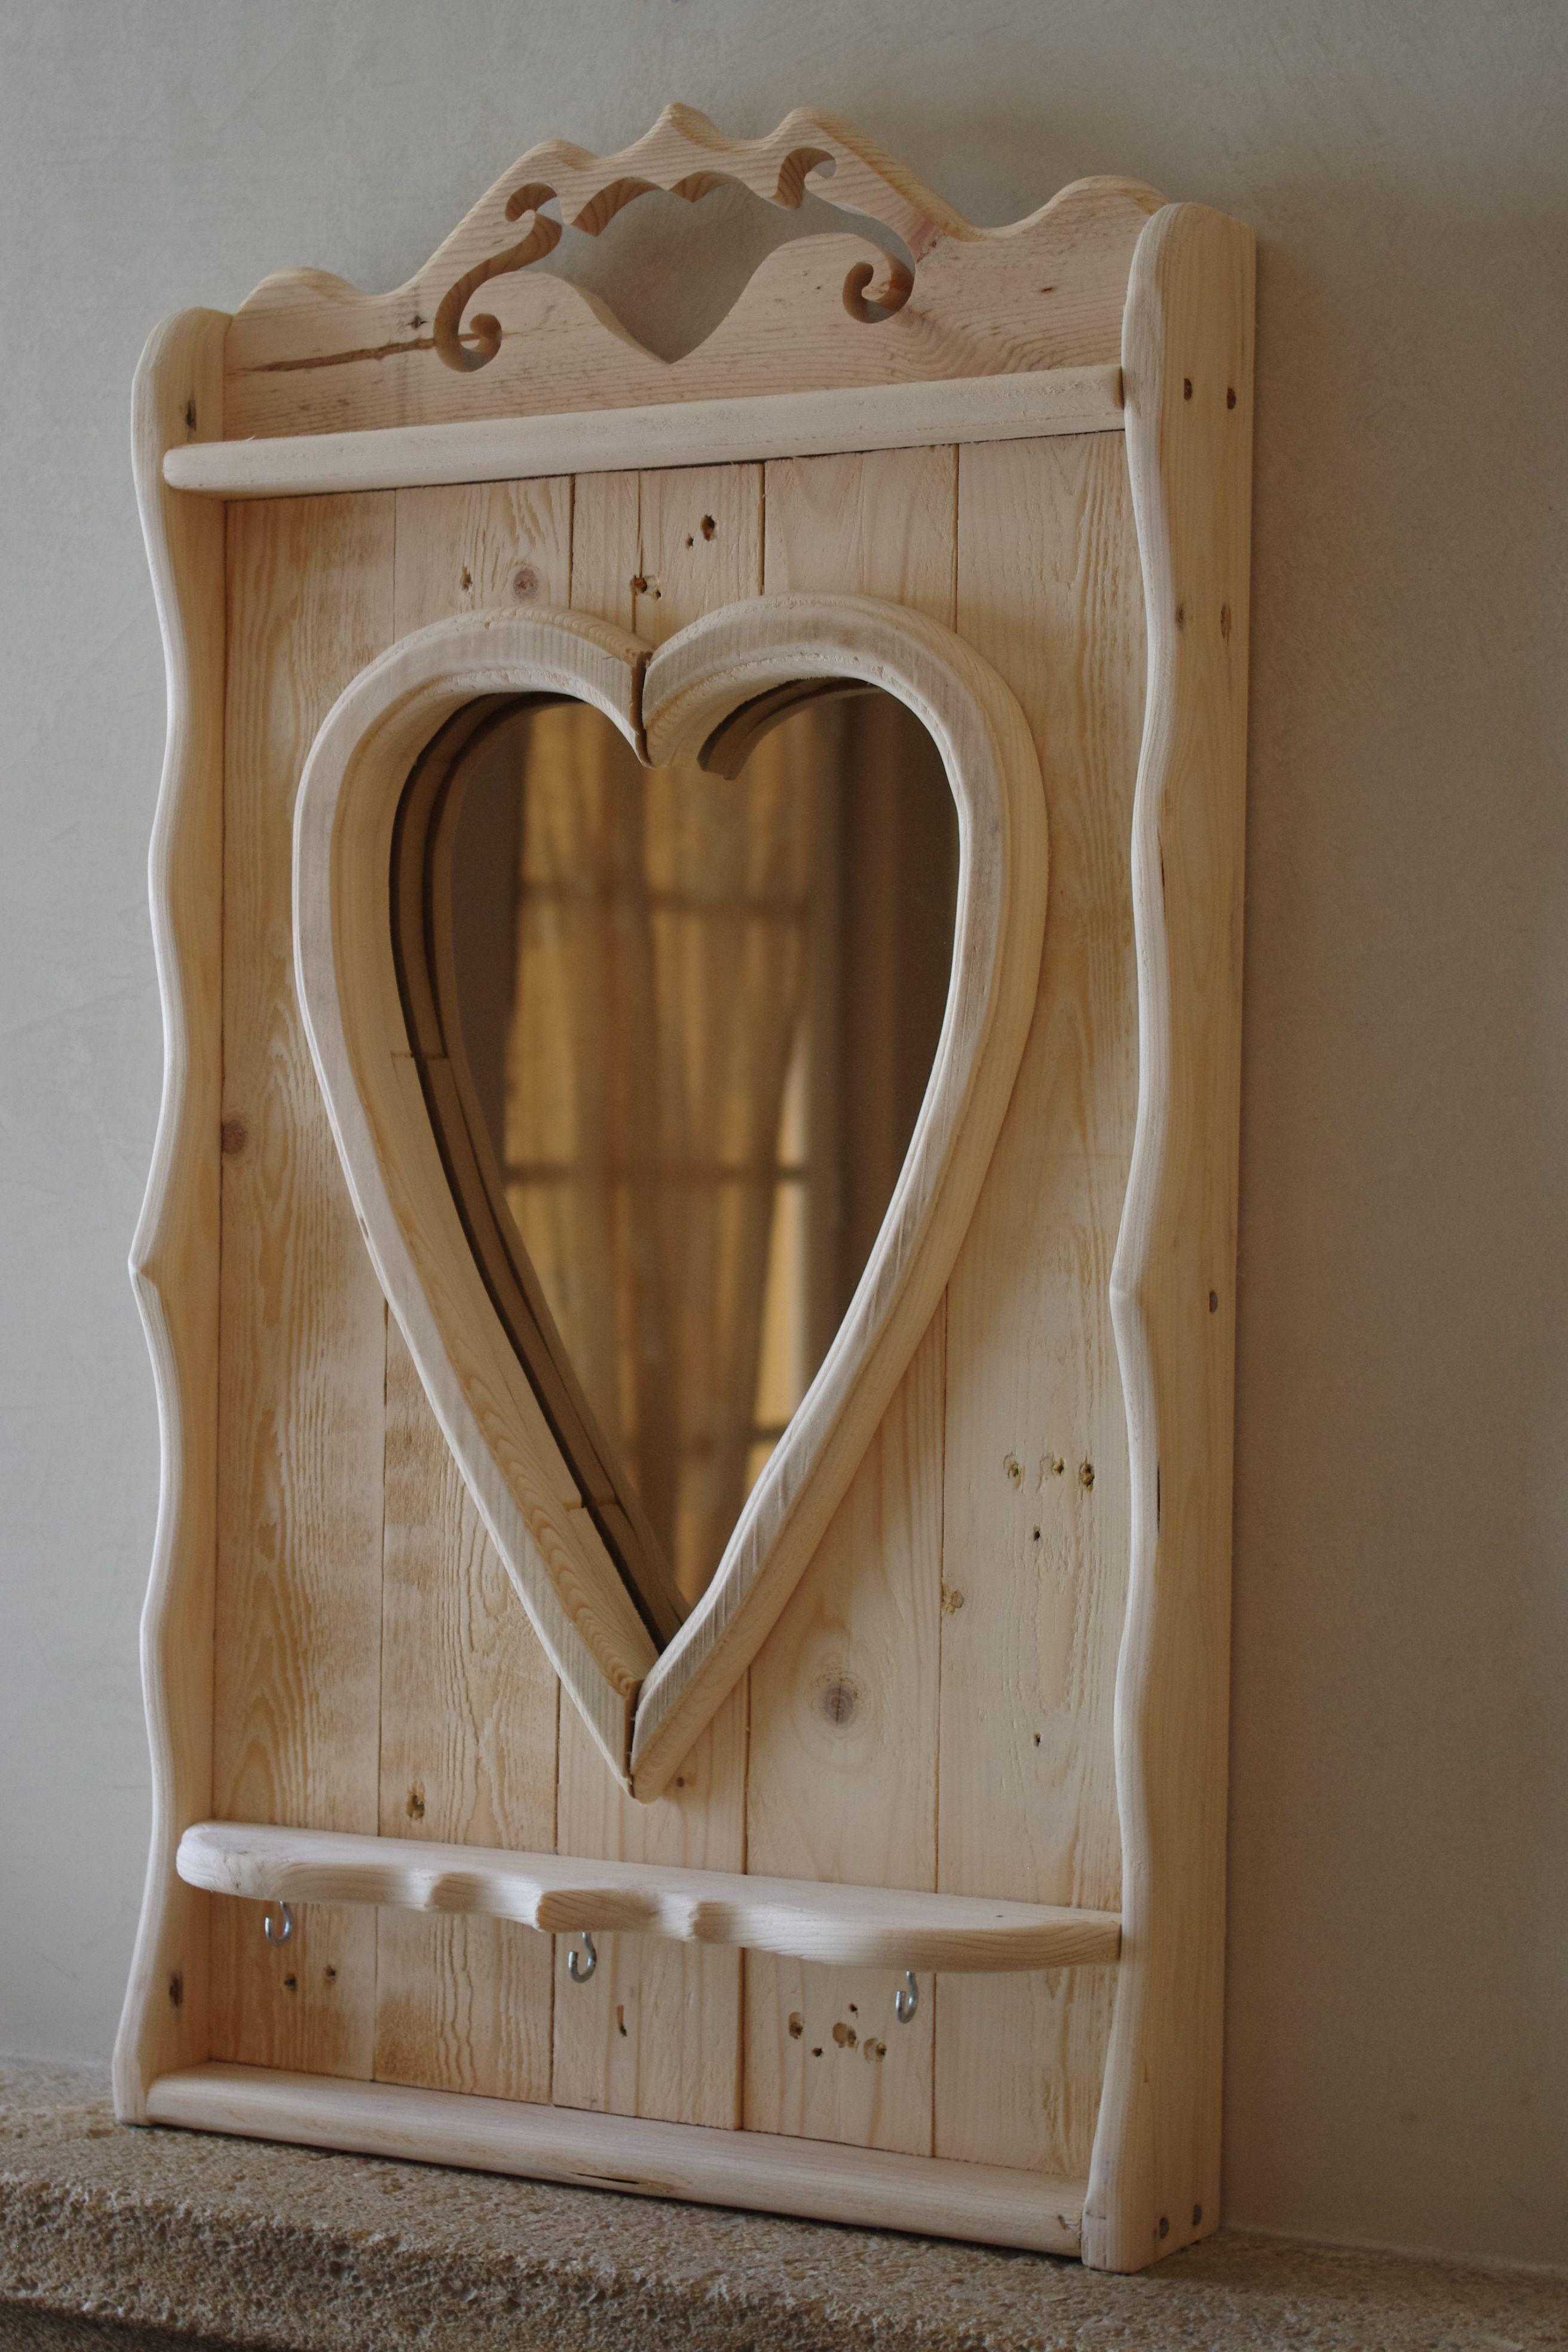 miroir porte cl s en palette d coration int rieure pinterest bois decoration et. Black Bedroom Furniture Sets. Home Design Ideas